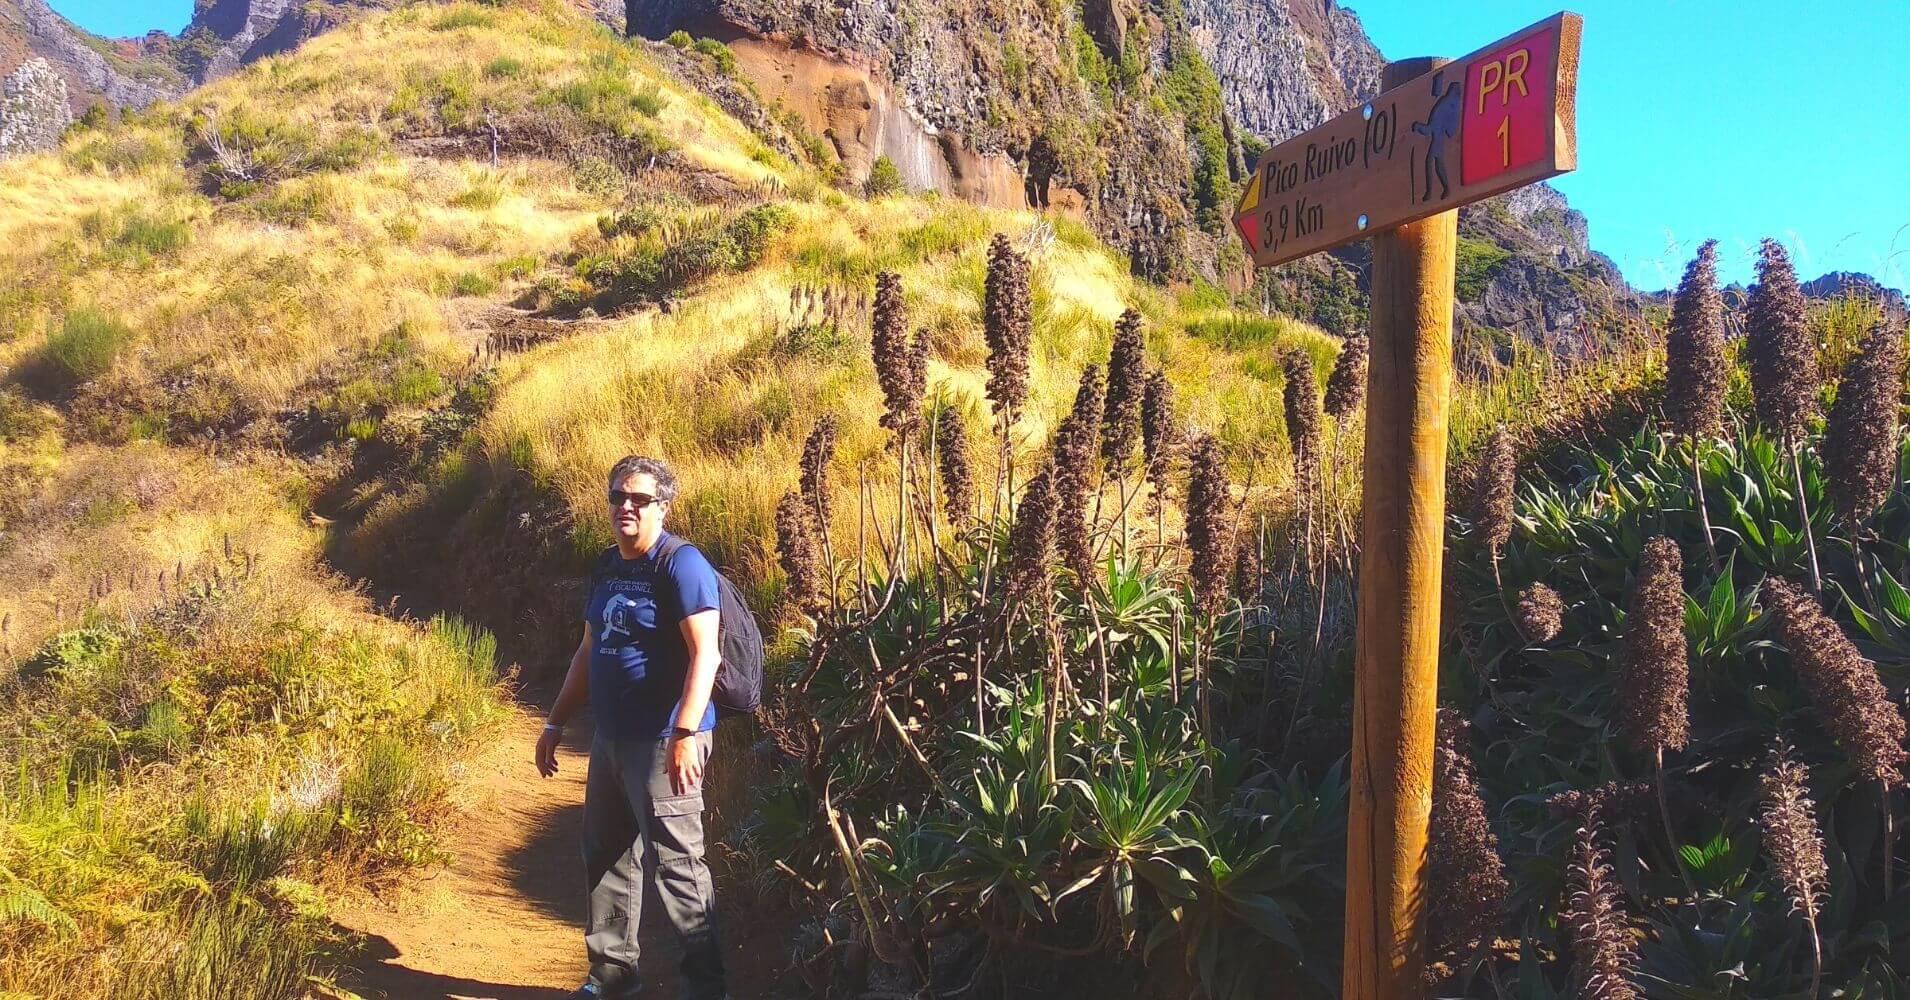 La Vereda de Areeiro. Madeira, Portugal.